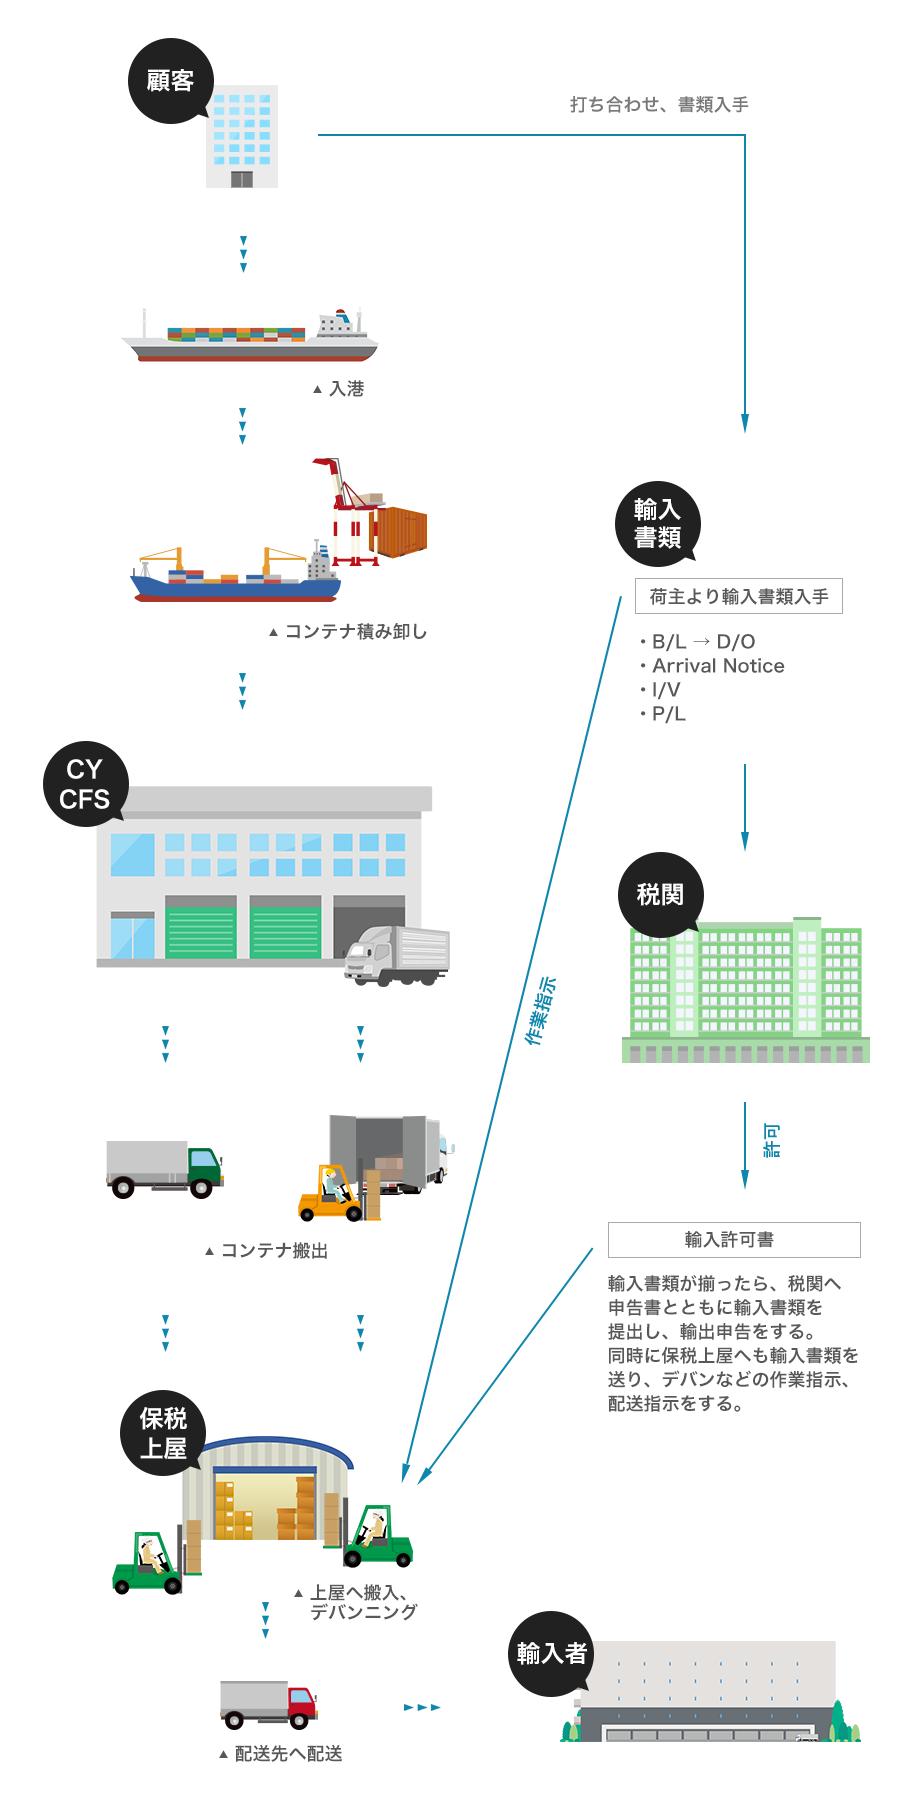 輸入業務の流れ